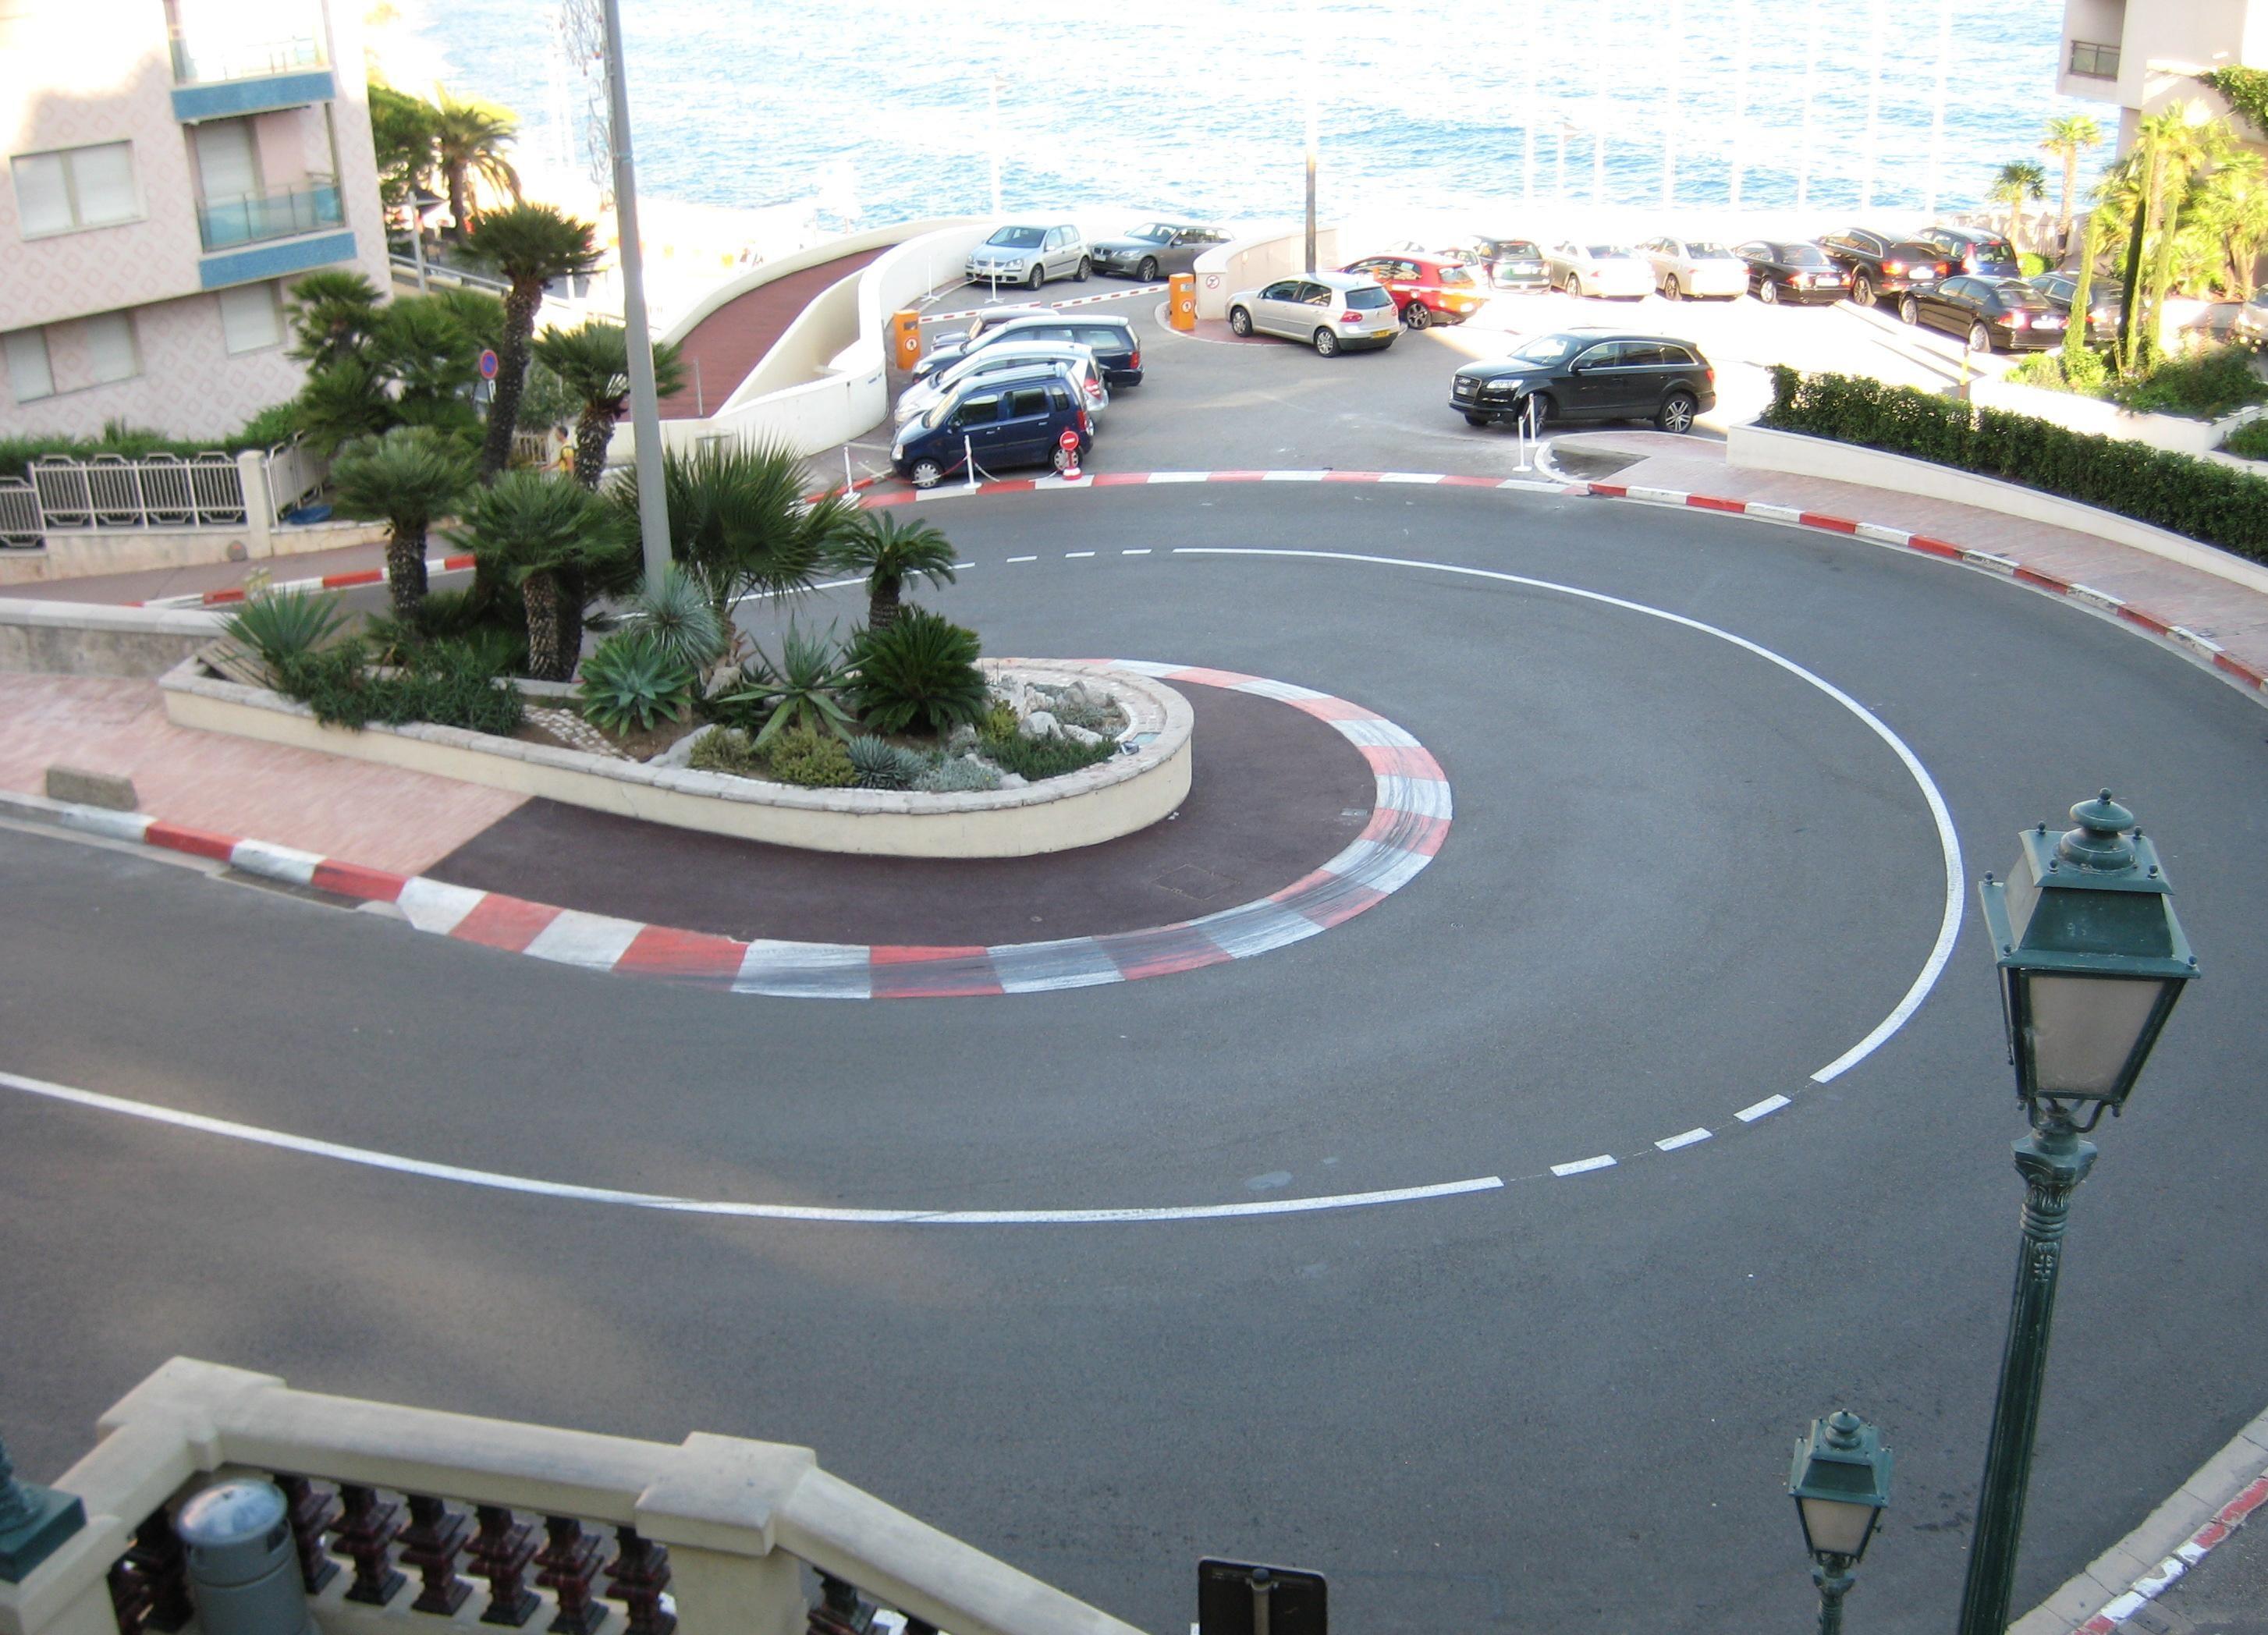 Circuito Monaco : File epingle monaco g wikimedia commons